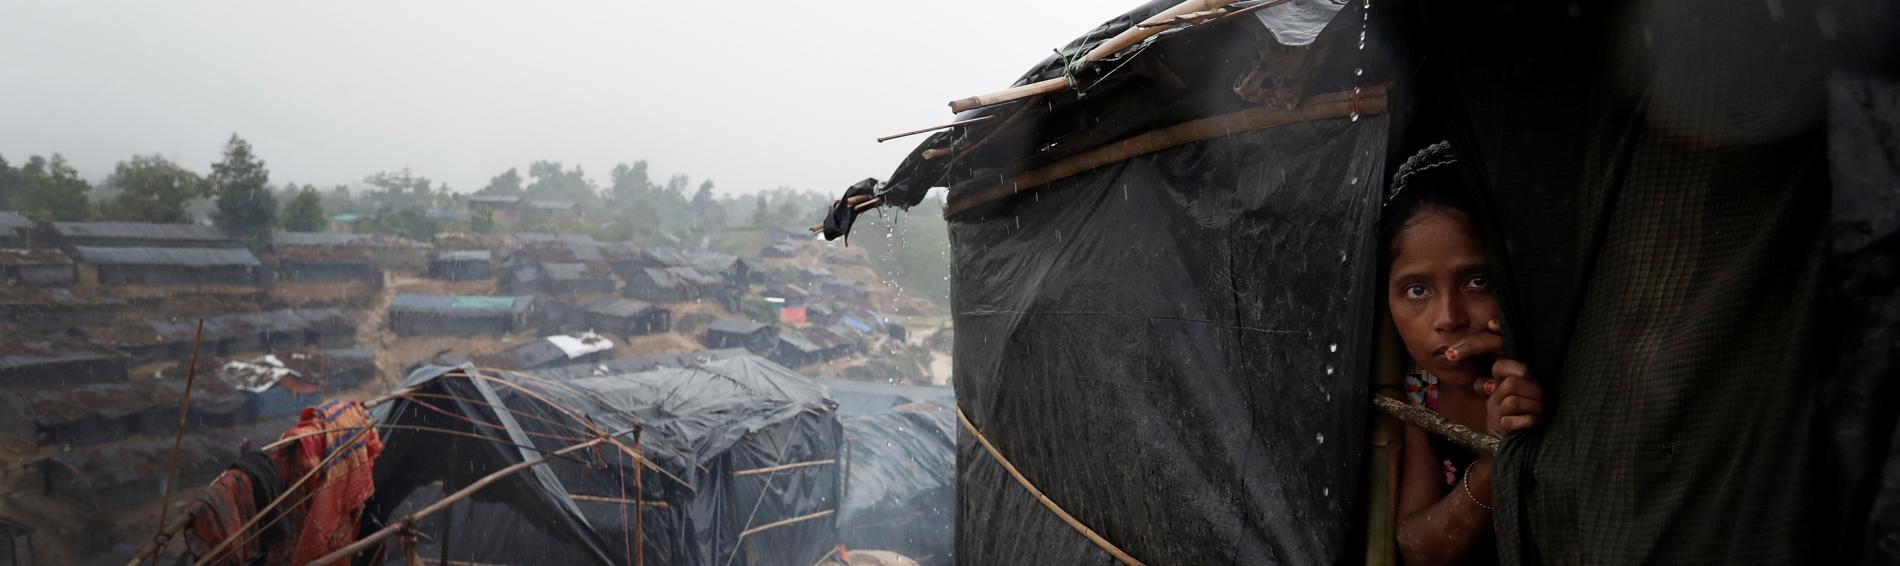 Eine junge Mutter in einem provisorischen Flüchtlingscamp in Bangladesch. Foto: Reuters/Cathal Mc Naughton